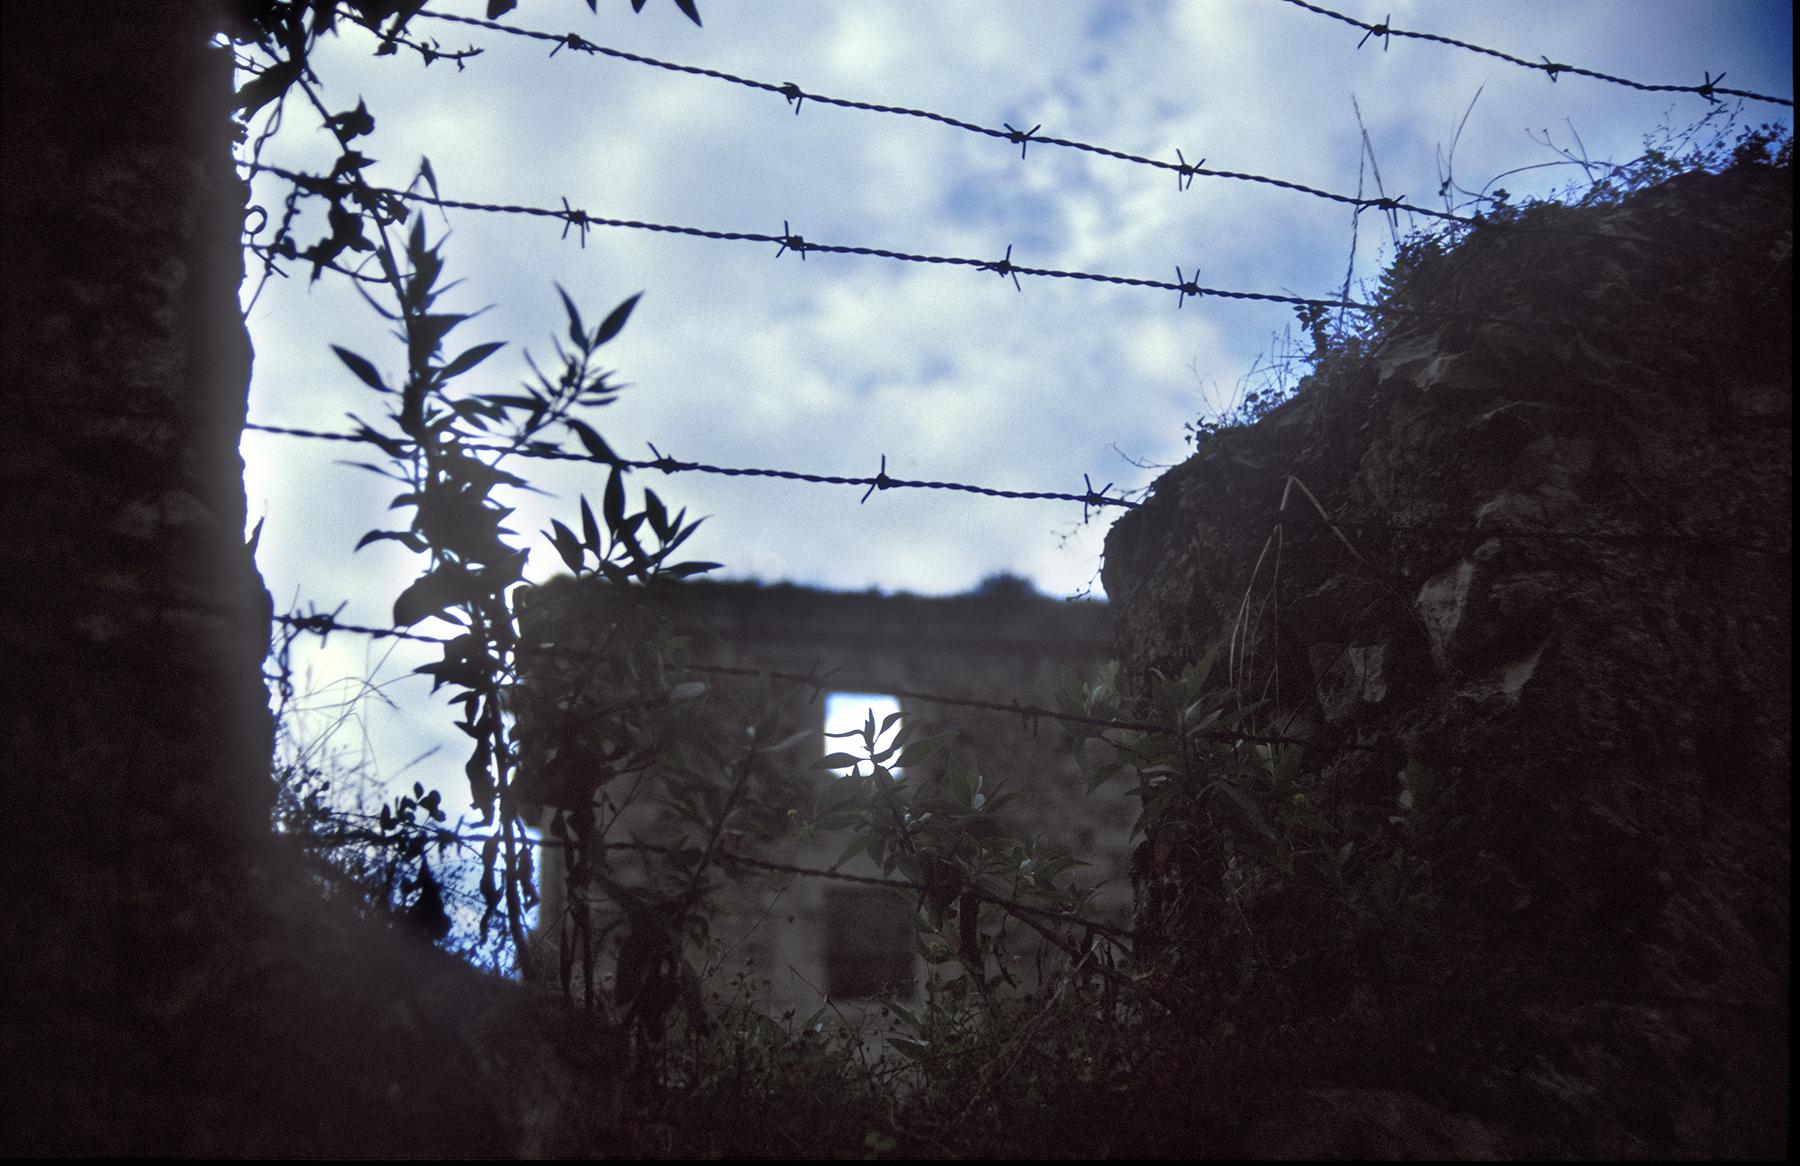 026 - JPG - Llanes Palacio ruinas cerca espinos - MYNT PEQ